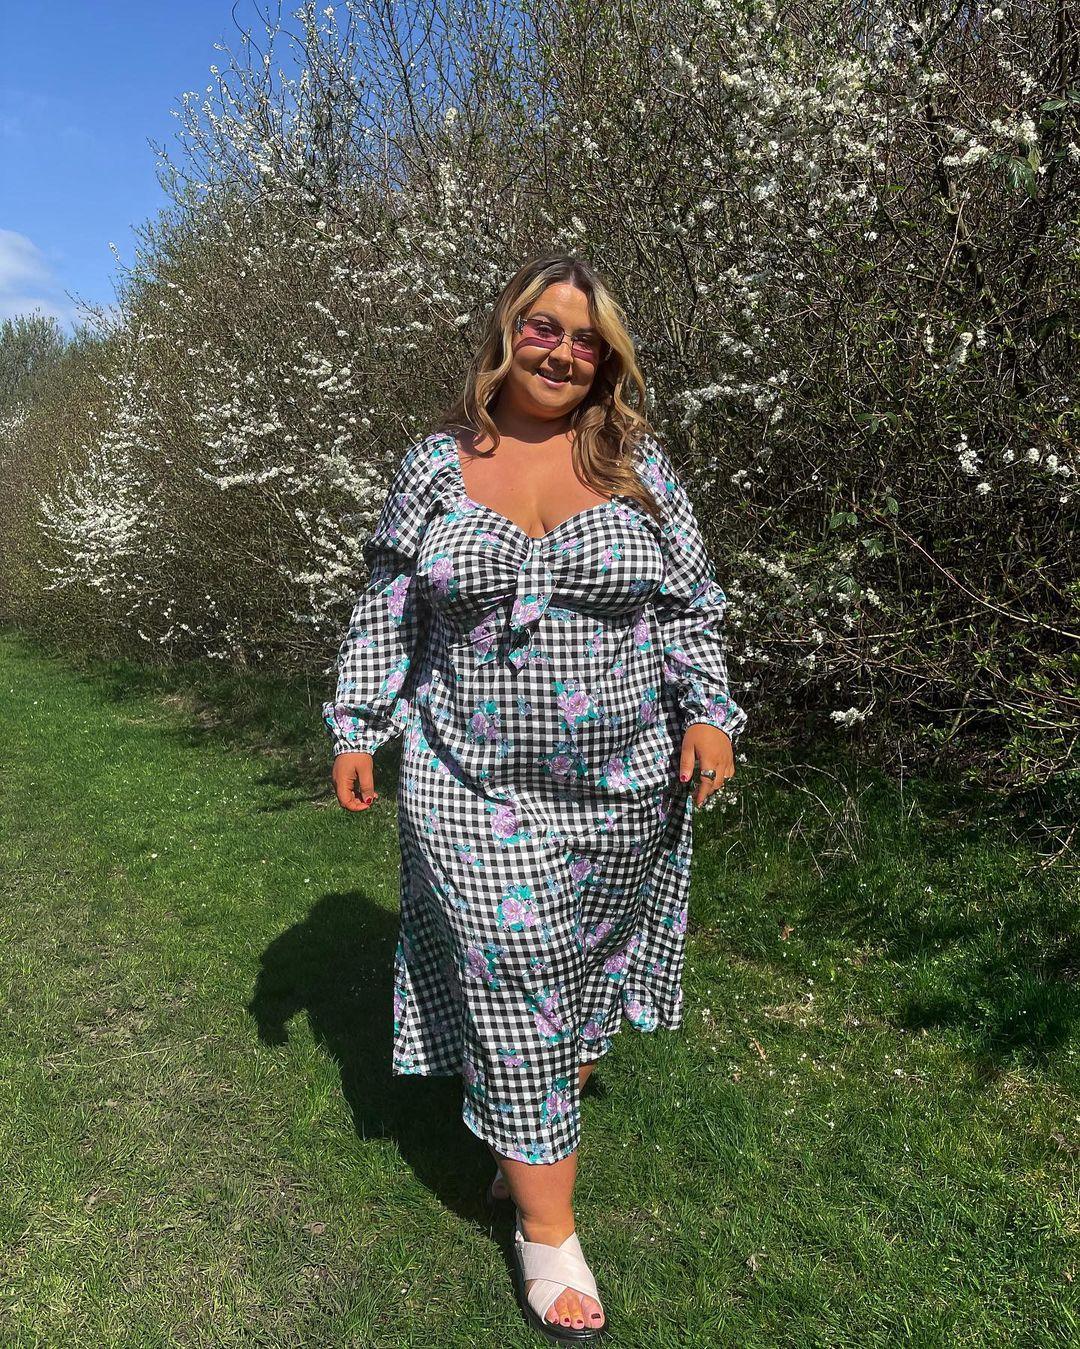 Garota usando look com vestido longo xadrez vichy preto e branco e algumas flores em rosa. Ela usa uma sandália branca, óculos de sol com lentes rosas, está em pé e sorrindo.